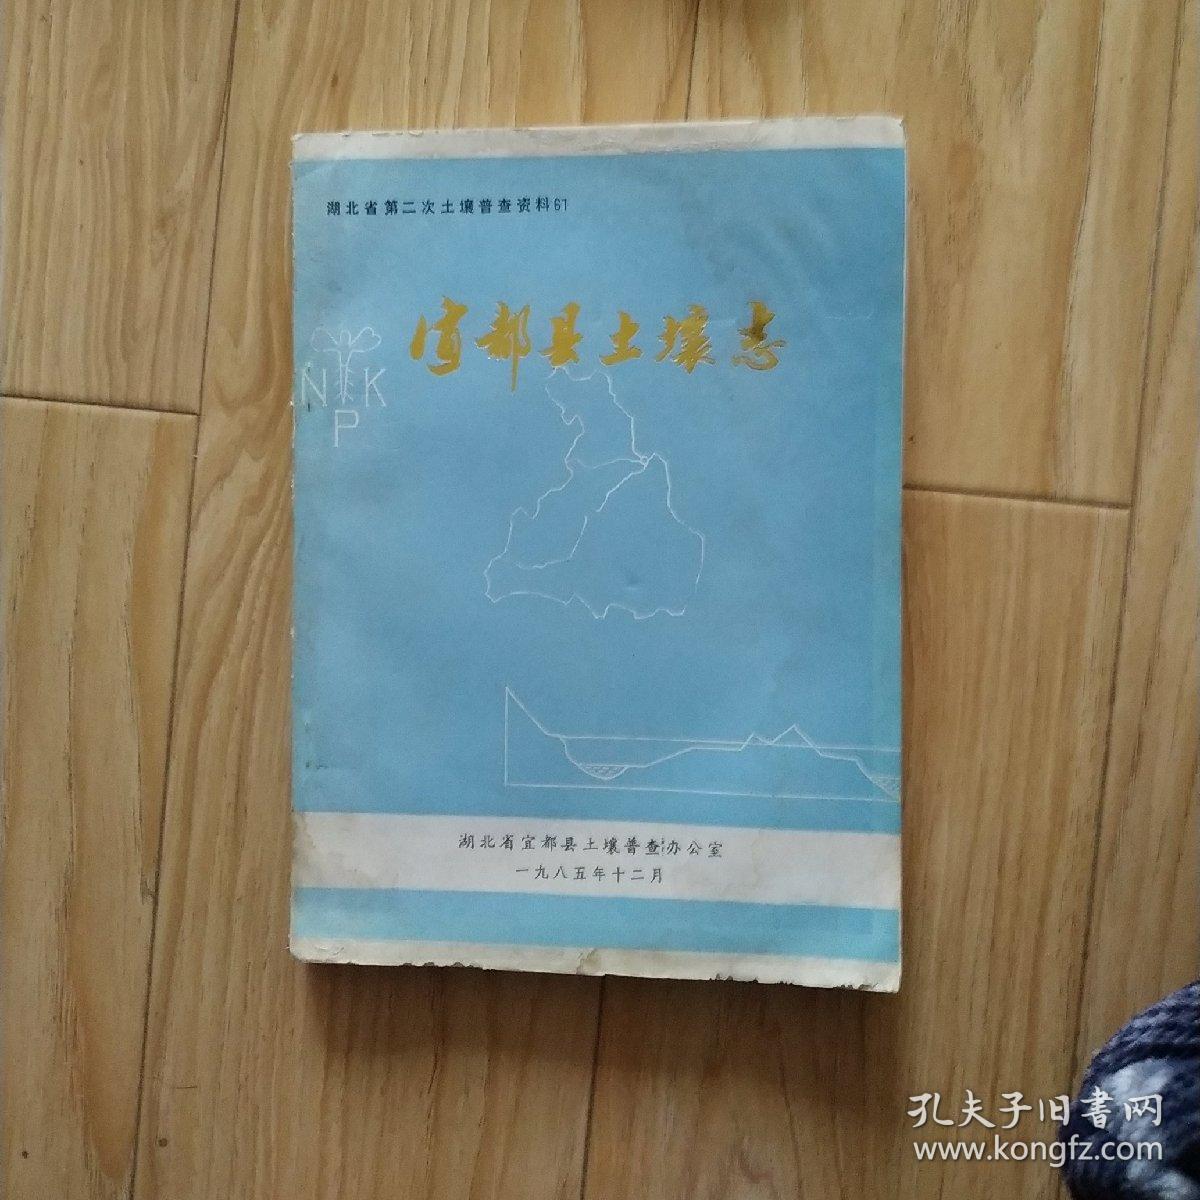 宜都县土壤志            ------ 【包邮-挂】